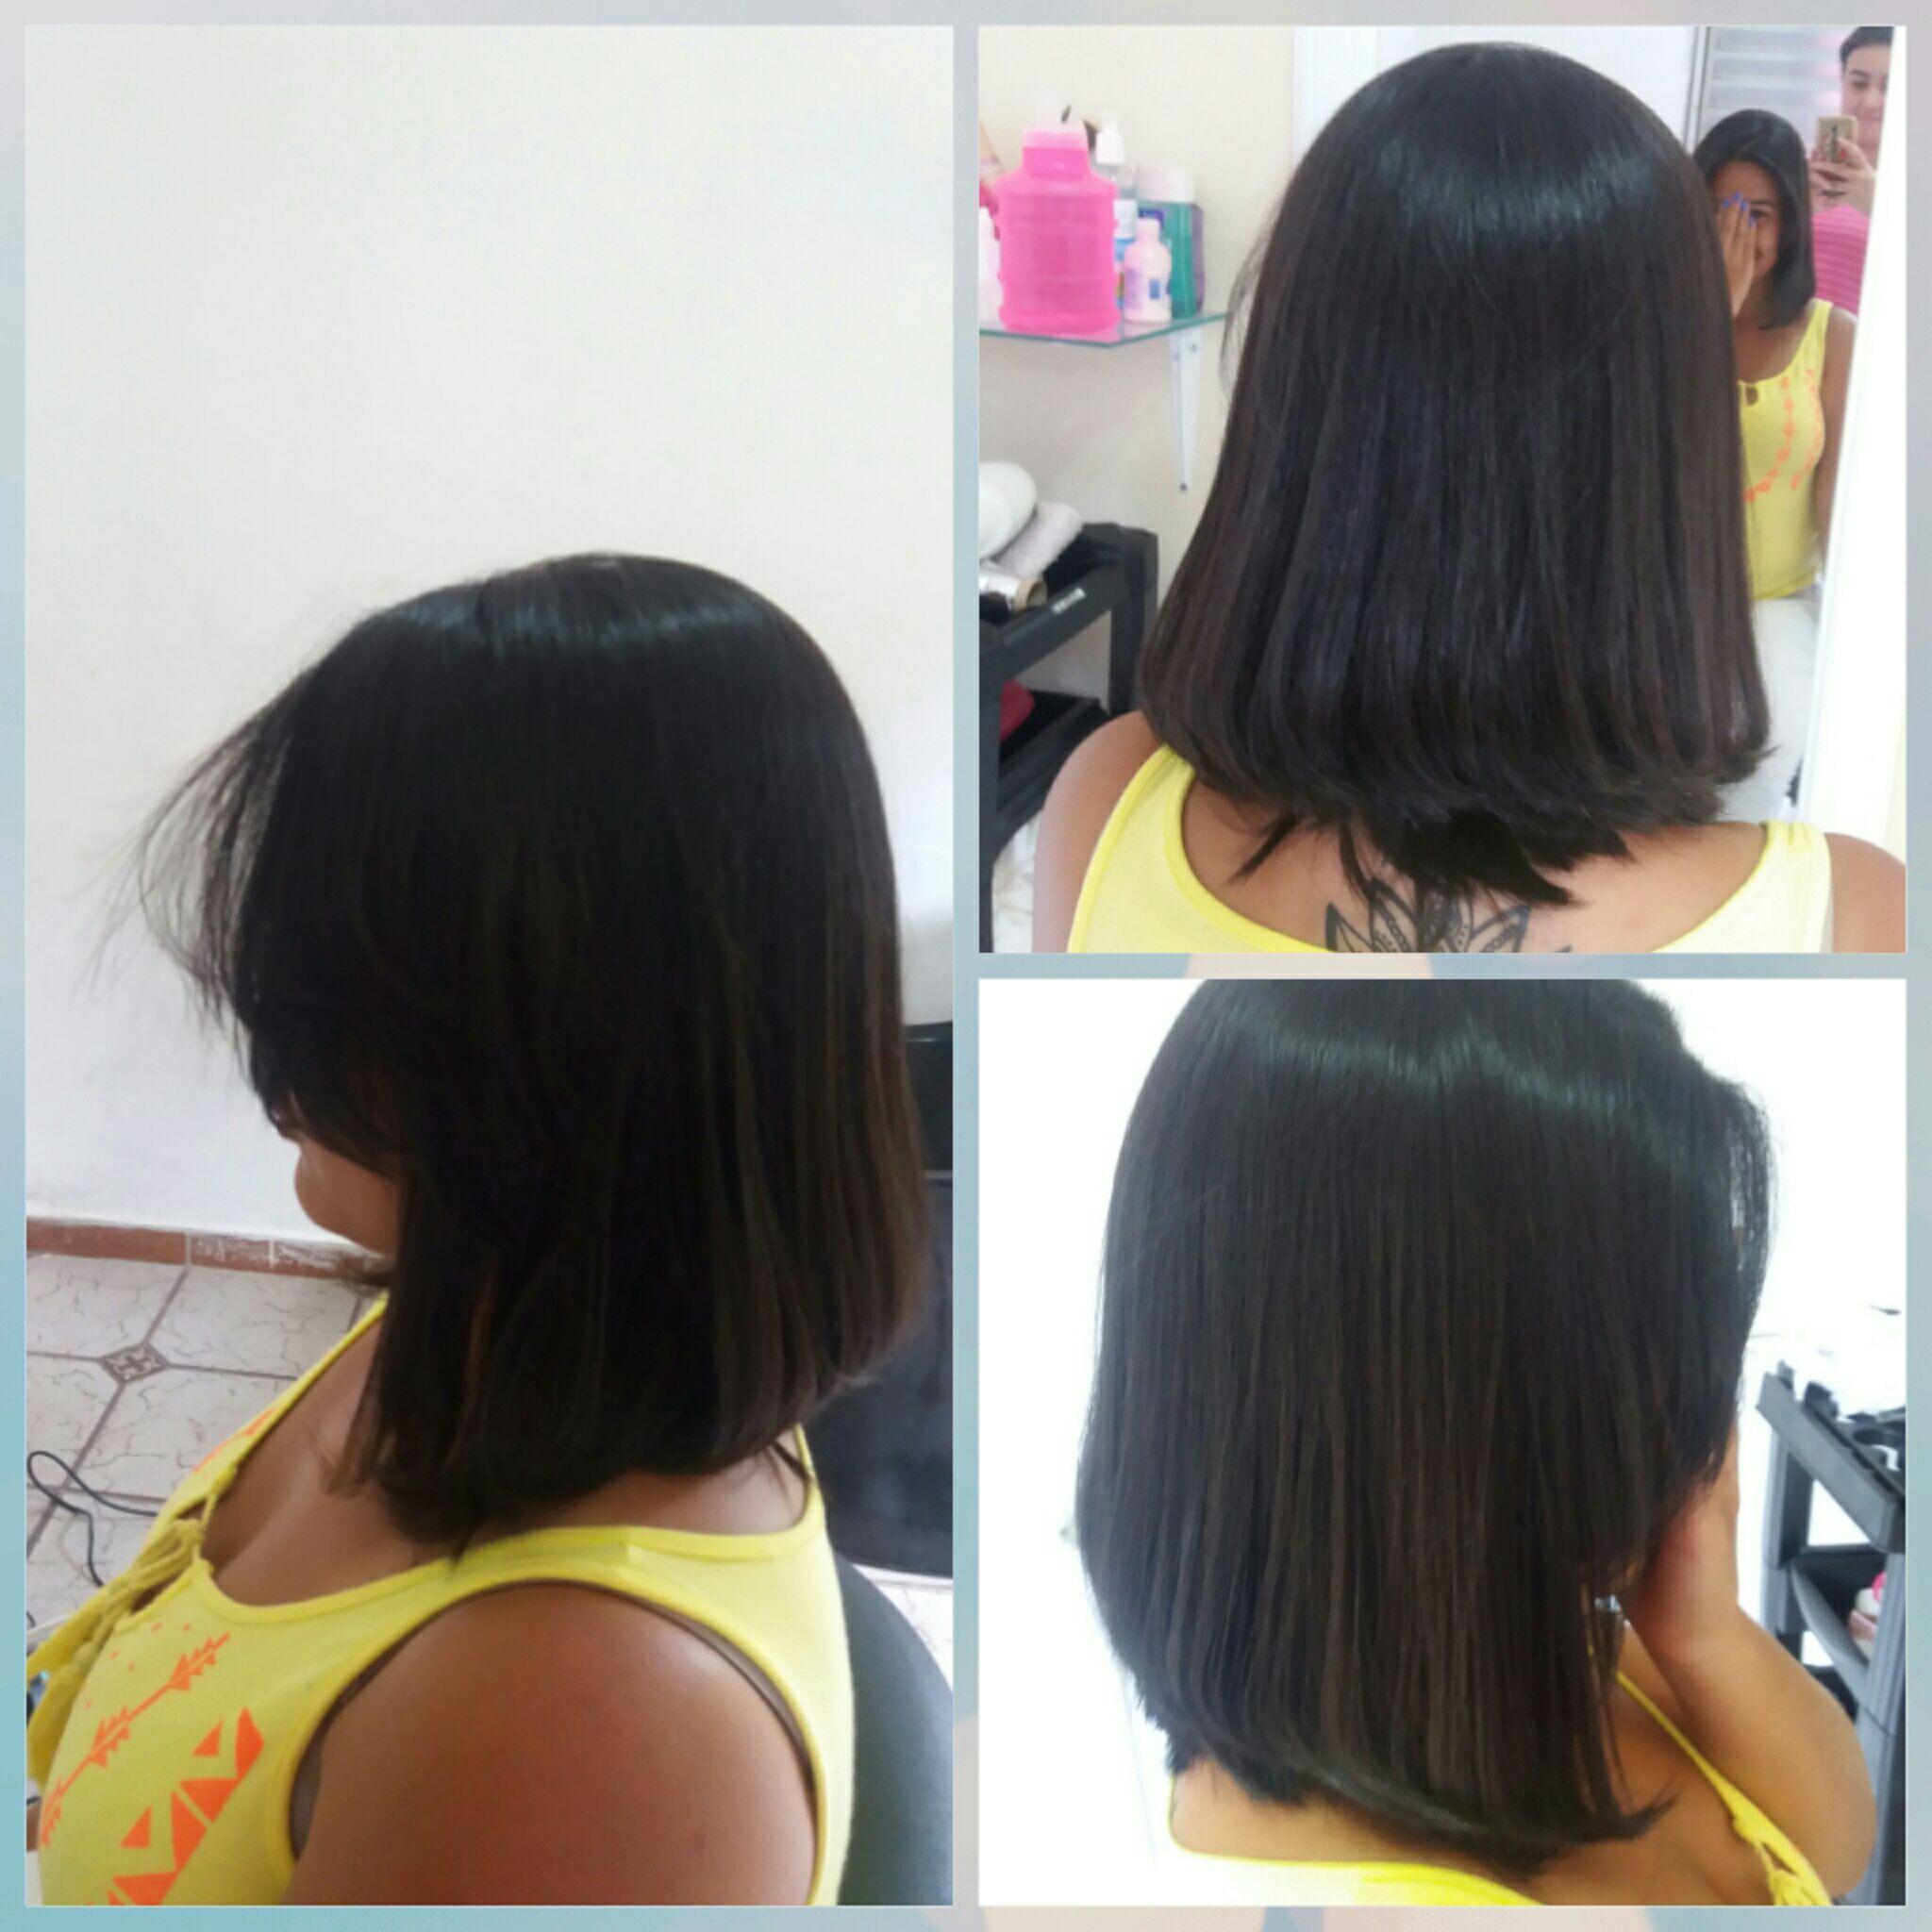 Corte chanel de bico cabelo maquiador(a) designer de sobrancelhas maquiador(a) maquiador(a)